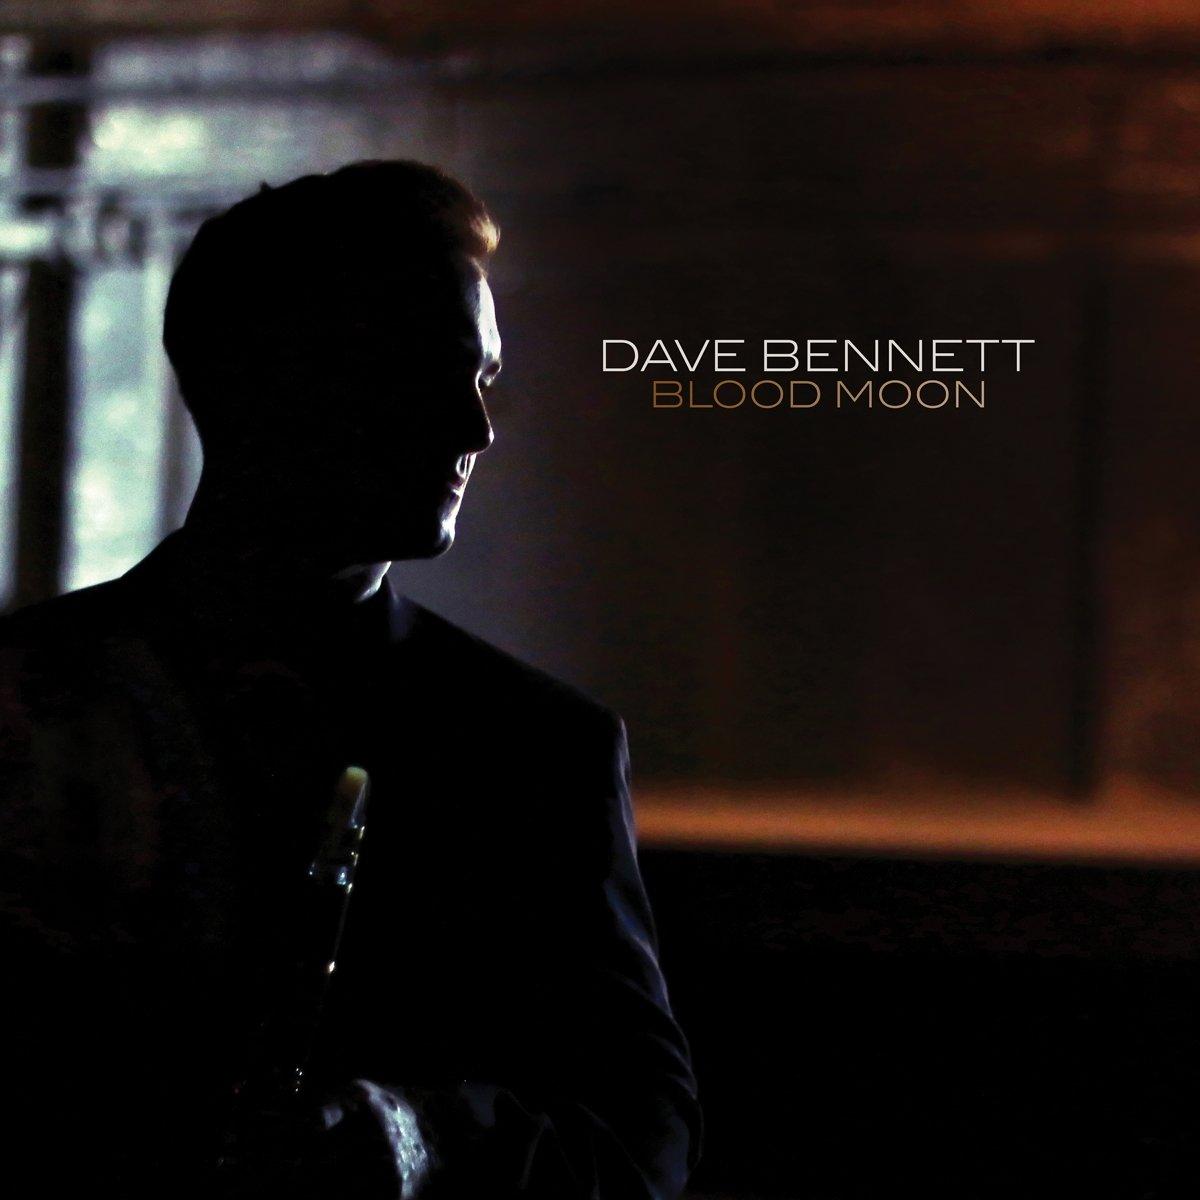 Dave Bennett - Blood Moon (Digipack Packaging)